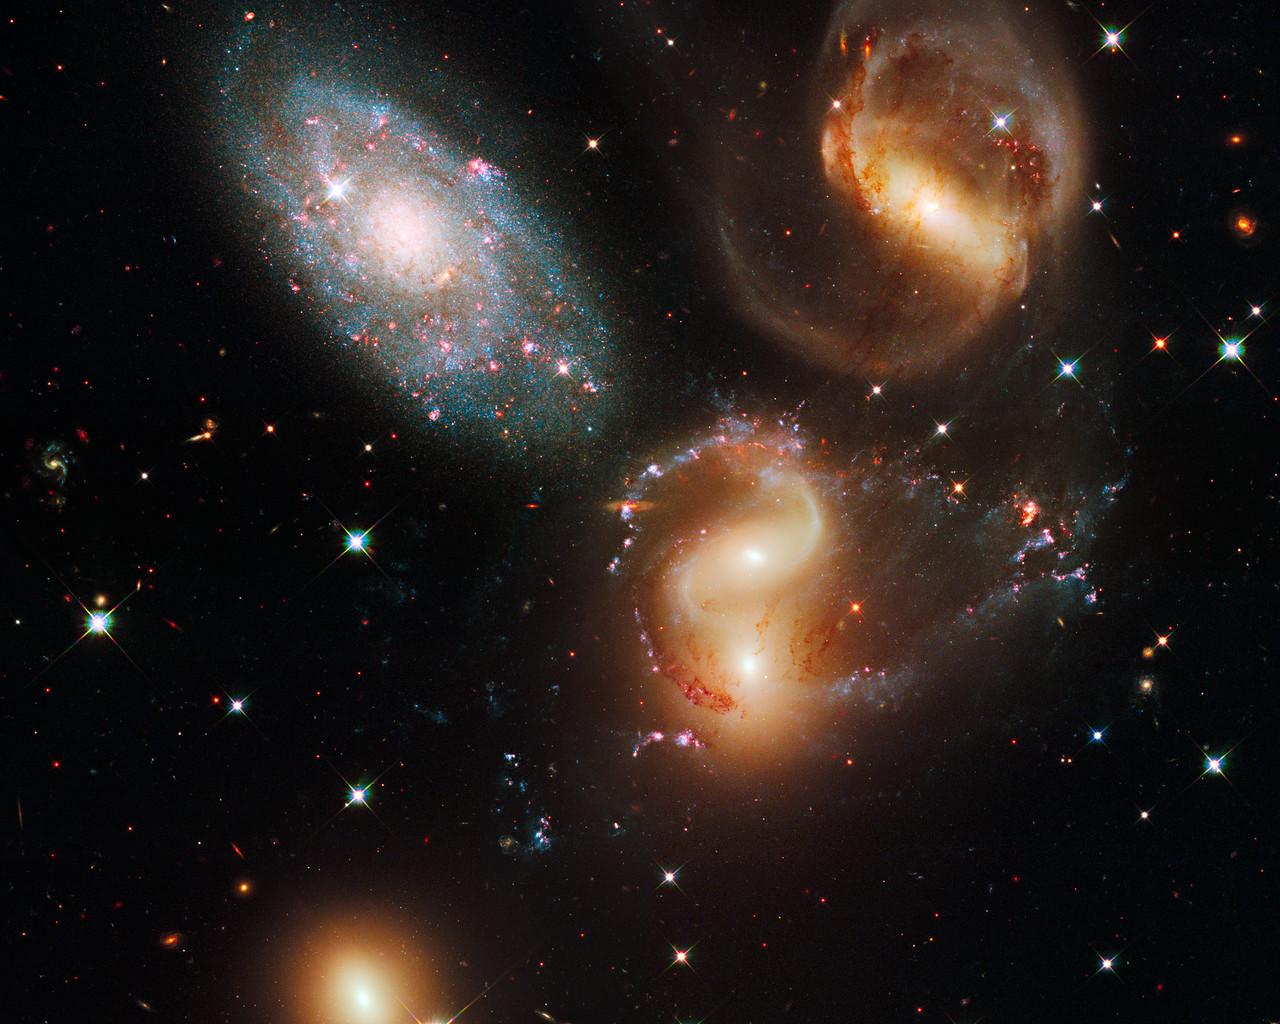 Настоящий космический джек-пот: пять галактик на одном снимке в такой близости друг от друга! Обнаружил их французский астроном Жан-Мери Стефан, аж в 1877 году. В честь него группа галактик получила имя — квинтет Стефана. Четыре галактики находятся в постоянном взаимодействии, а большая зелёная дуга в правой части снимка — ударная волна от столкновения двух из них (тех, что находятся в центре)